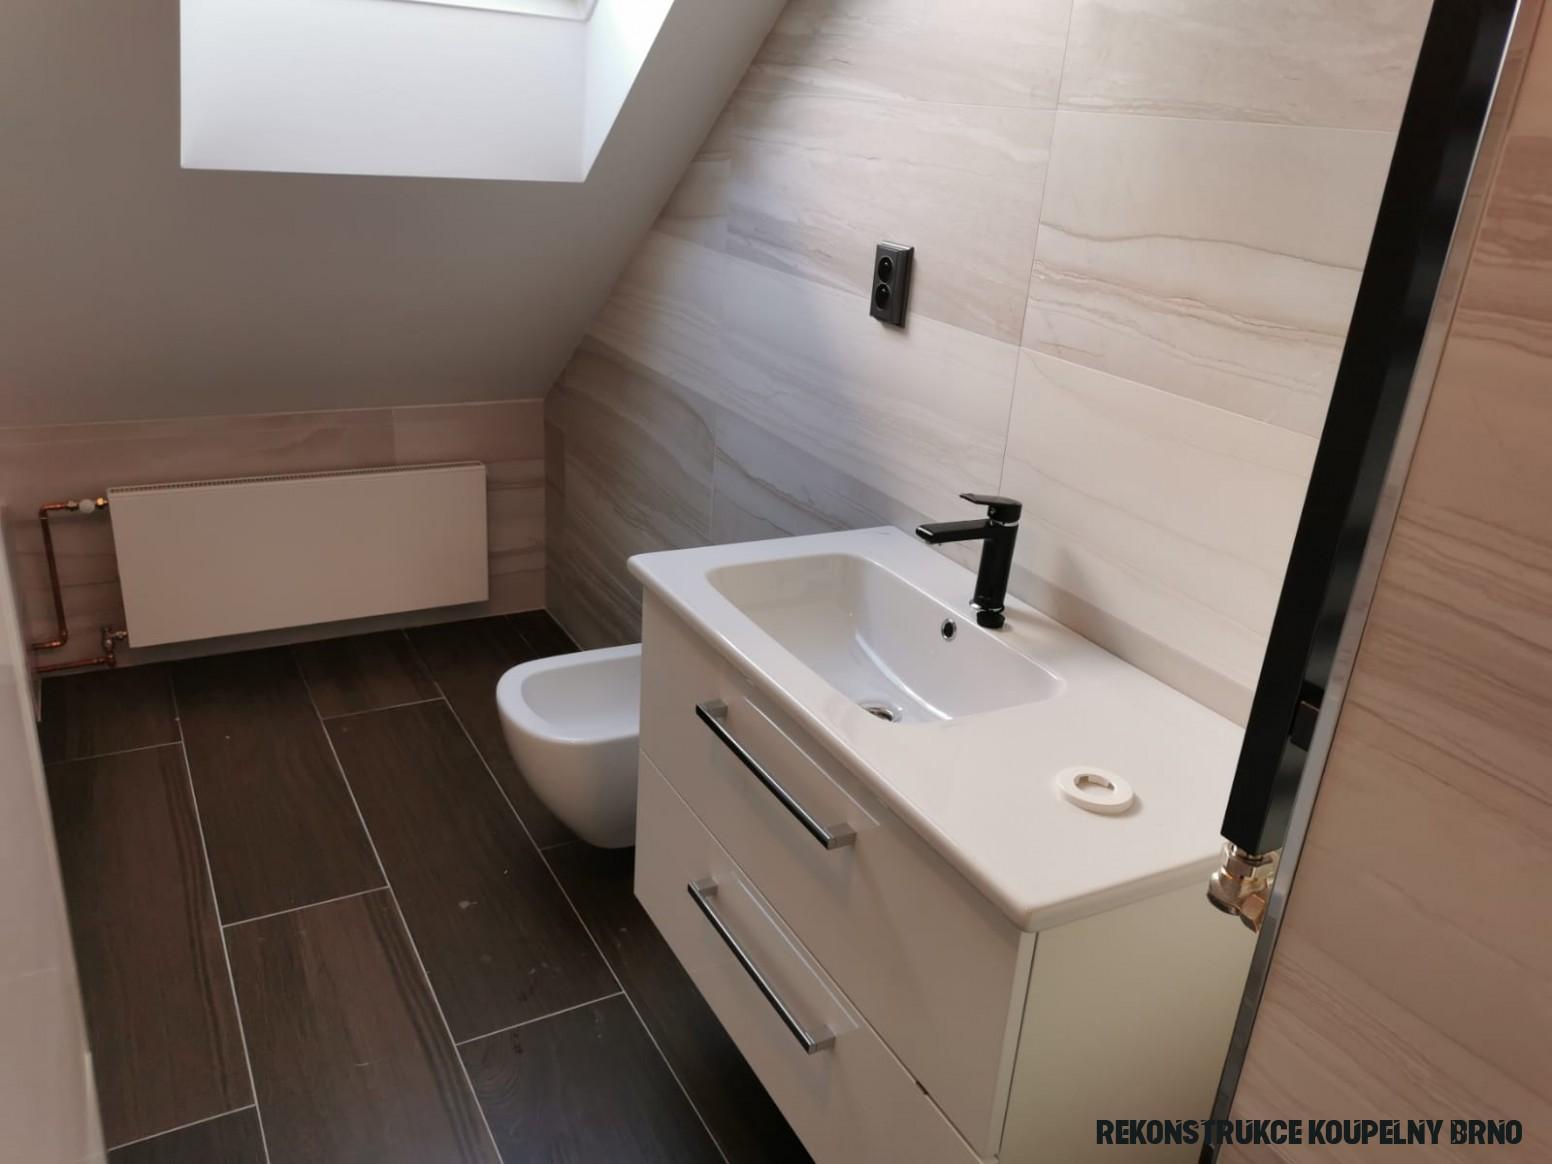 Rekonstrukce koupelny Brno  Levně se 20% zárukou a bonusem